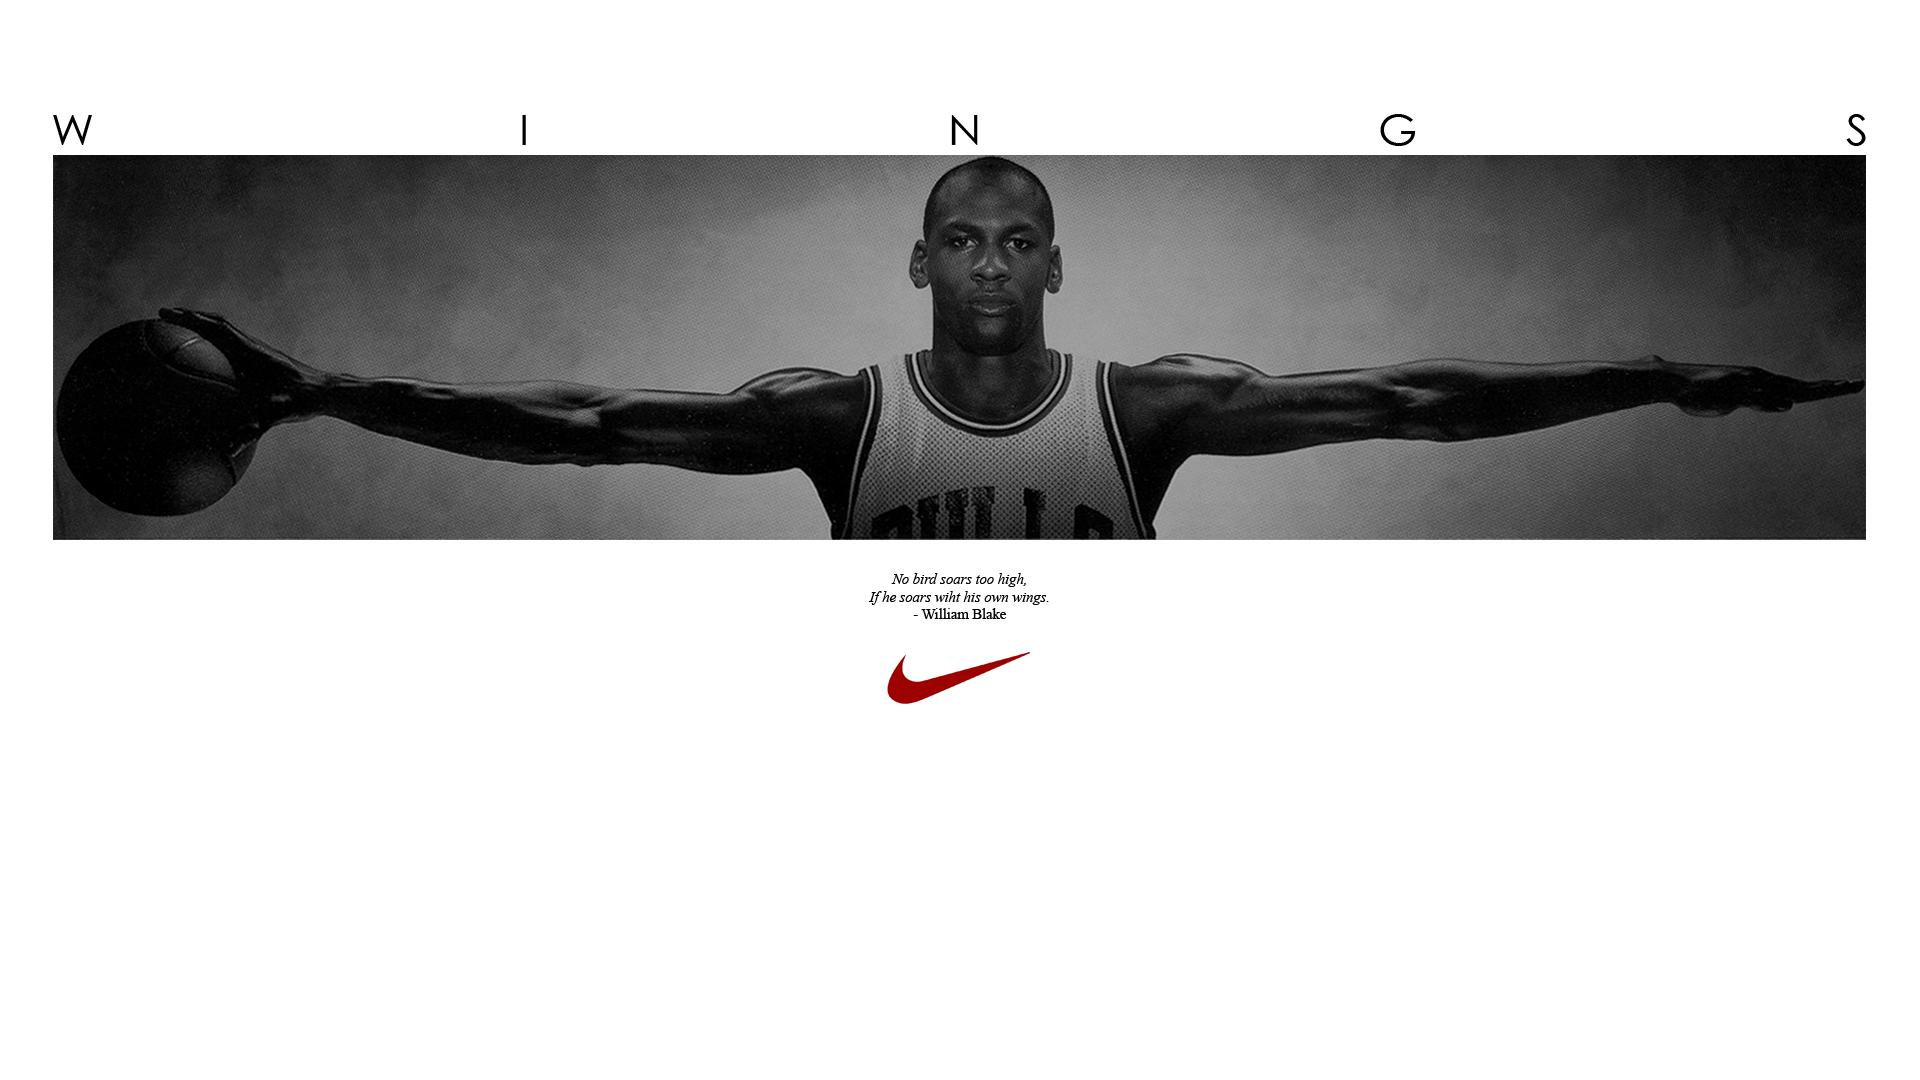 Lý do NBA luôn xem trọng yếu tố sải tay hơn chiều cao